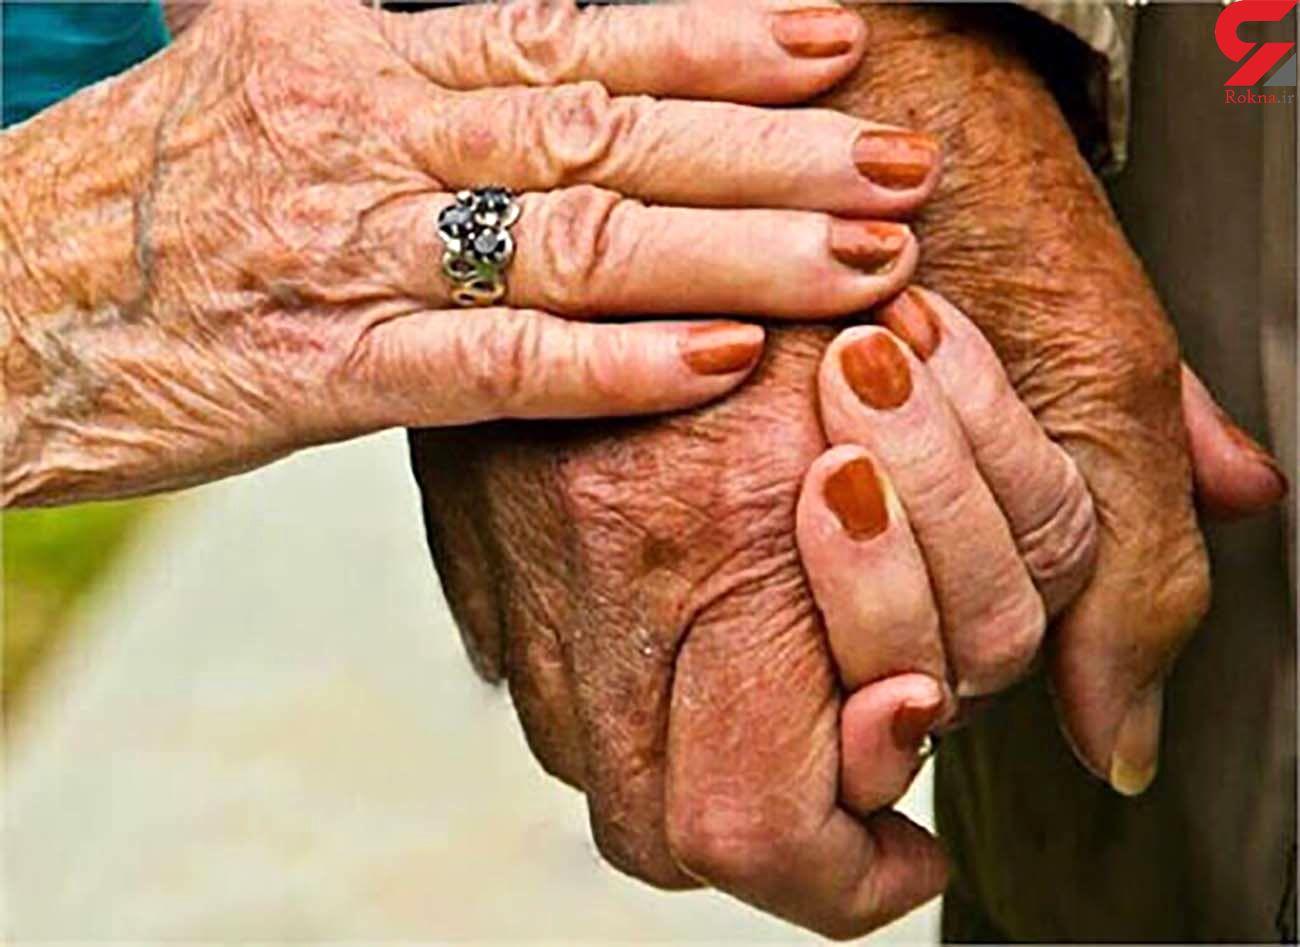 آمار رسمی ازدواج شوگرددی ها با زنان جوانتر در ایران / از سوی ثبت احوال اعلام شد